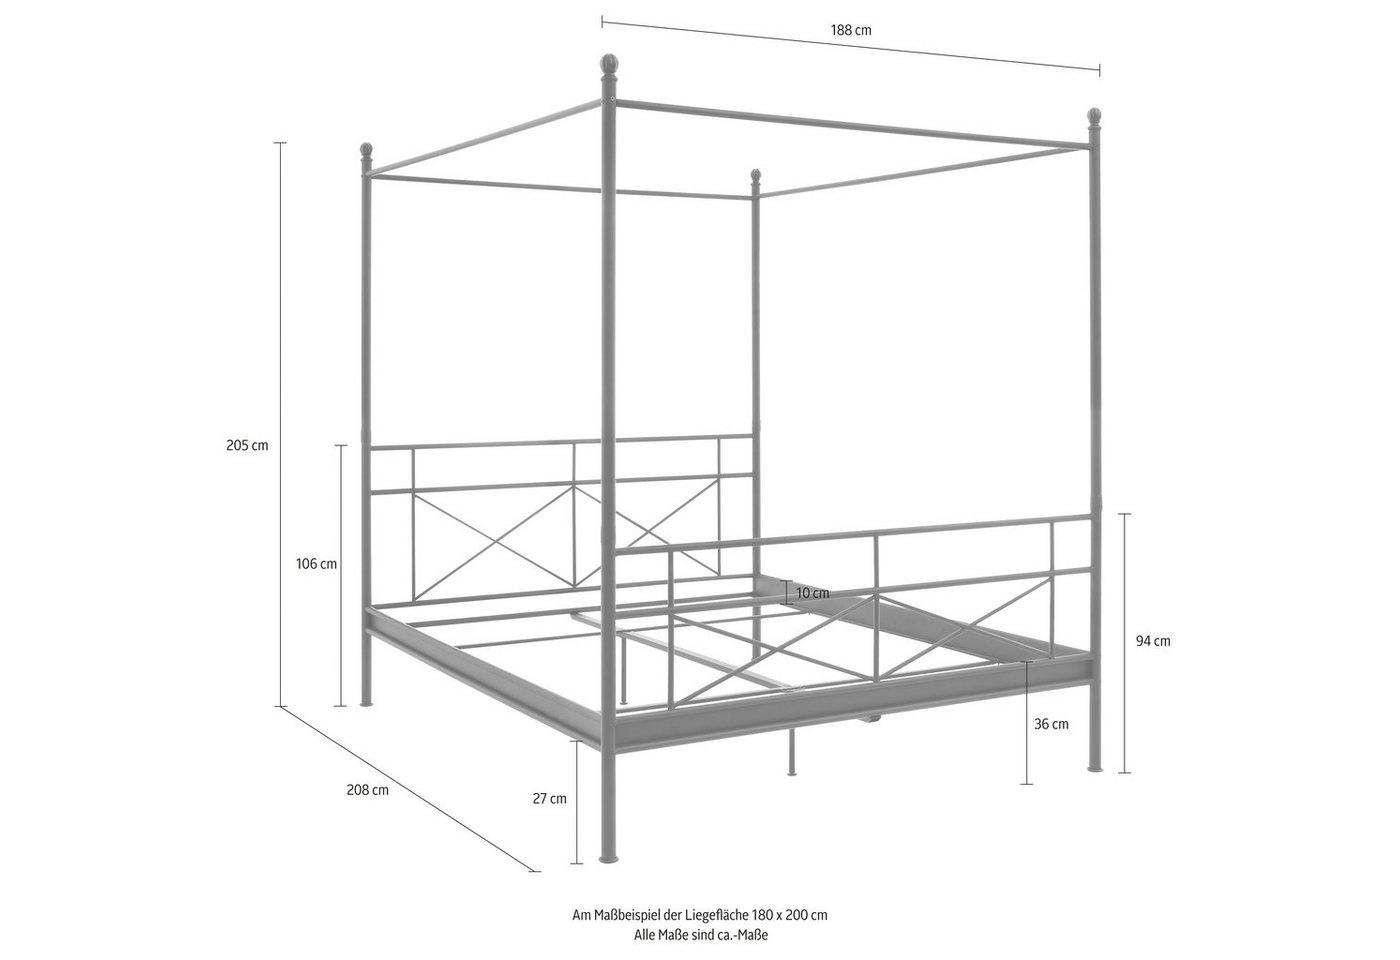 15 sparen metall himmelbett thora von home affaire nur 169 99 cherry m bel otto. Black Bedroom Furniture Sets. Home Design Ideas